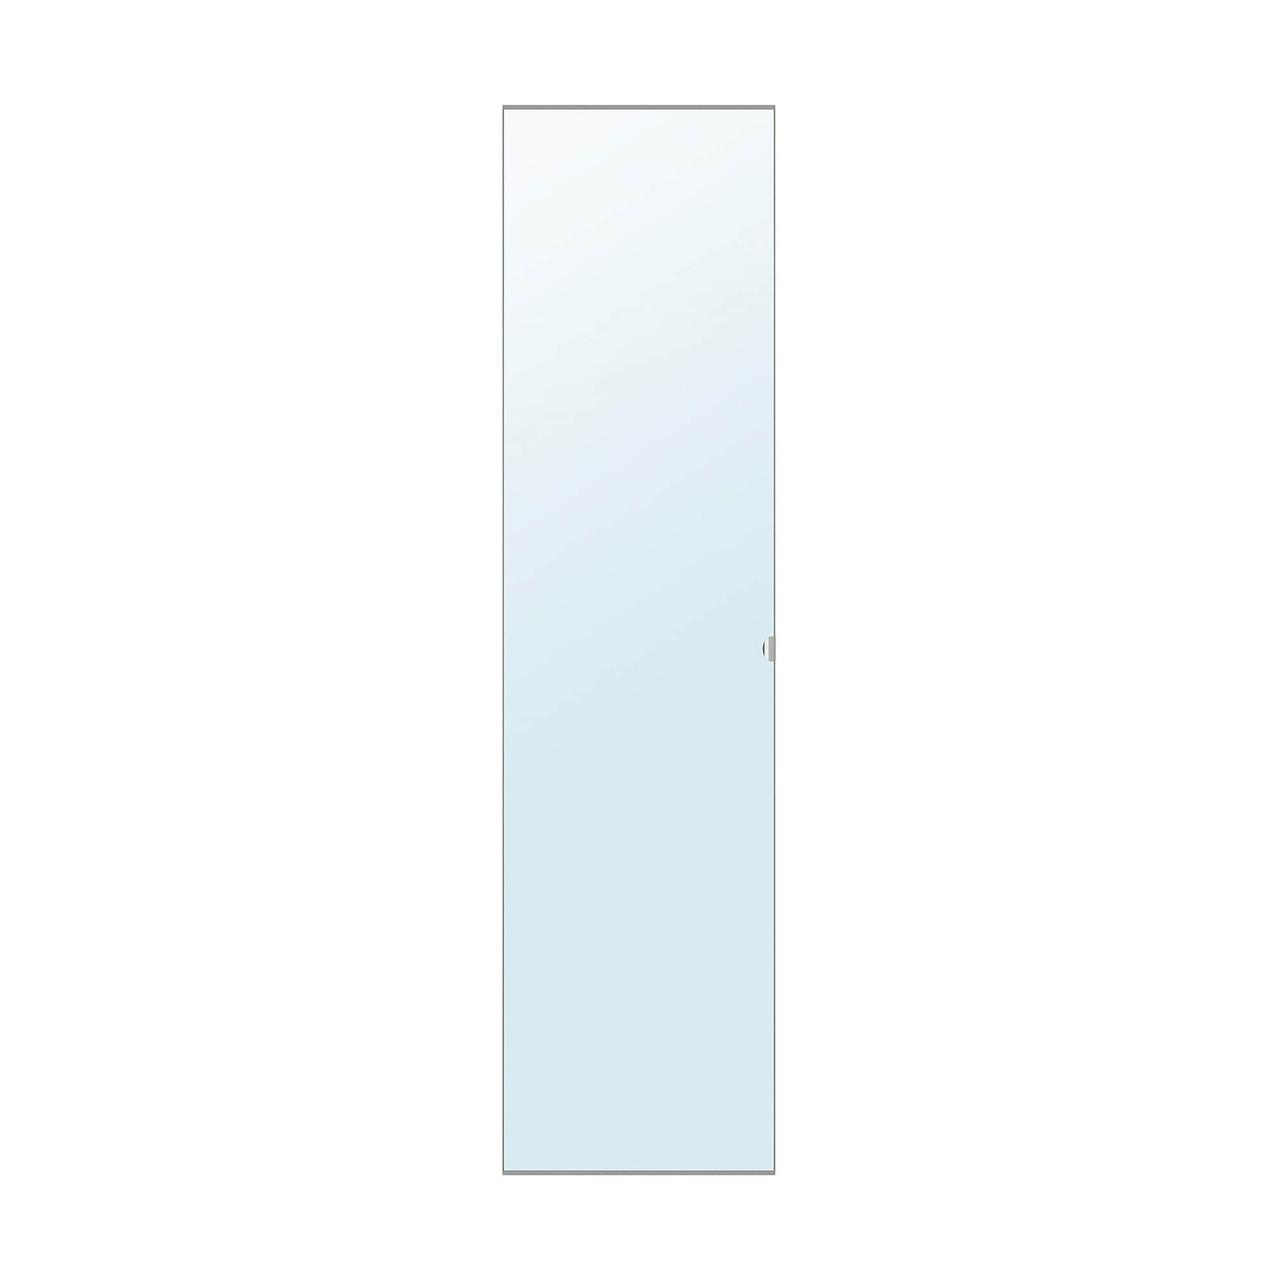 Дверь IKEA VIKEDAL зеркальное стекло 50x195 см 700.233.19